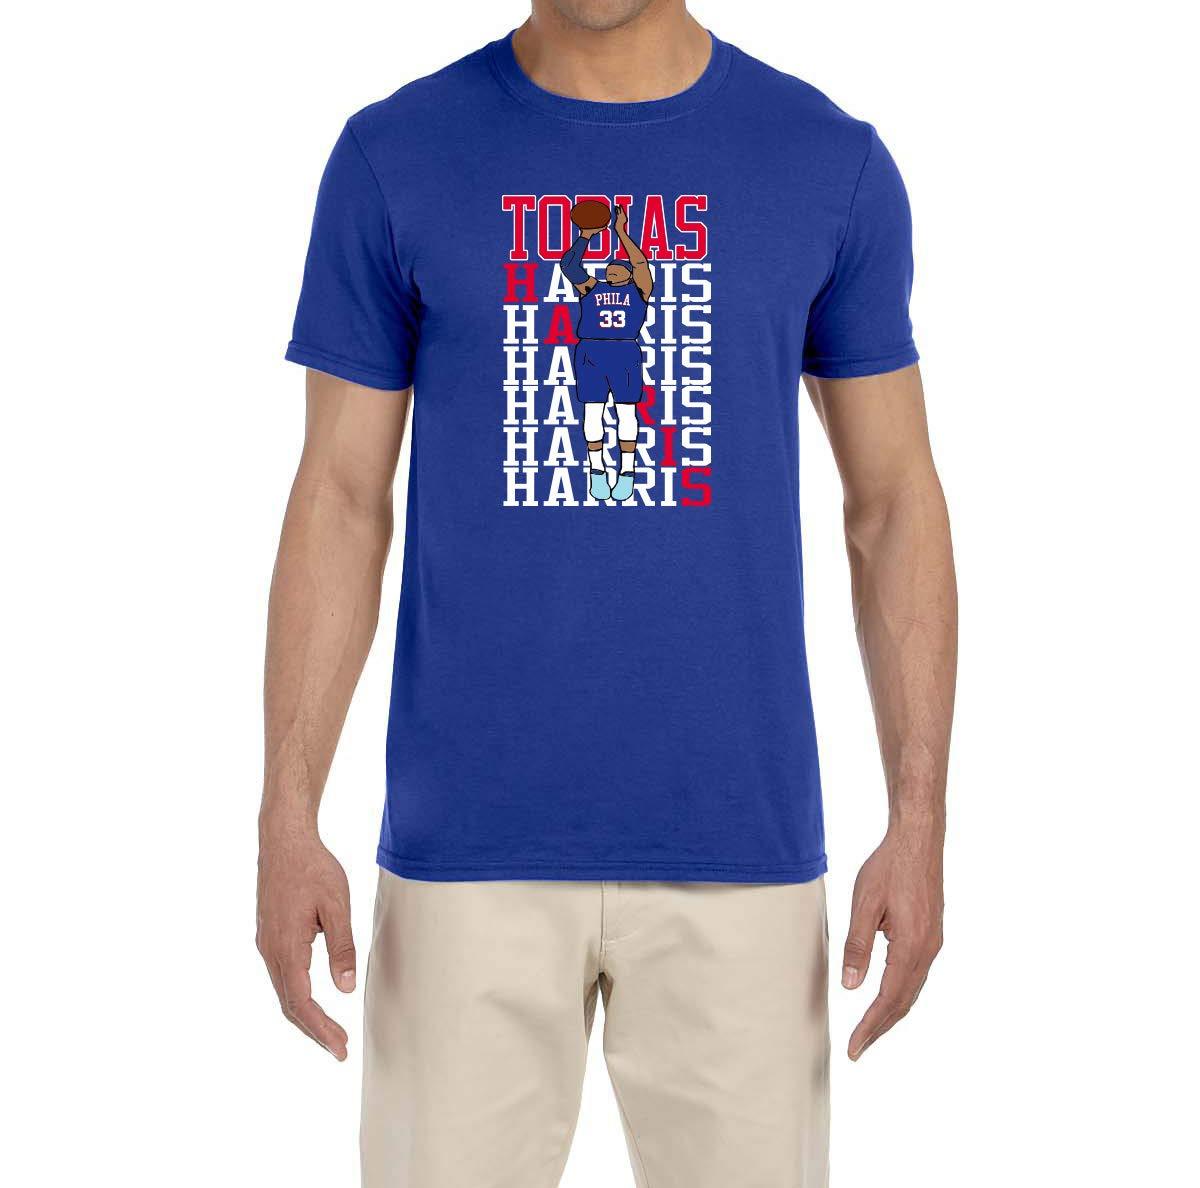 Peg Leg Shirts Blue Philadelphia Harris Text T Shirt 6402